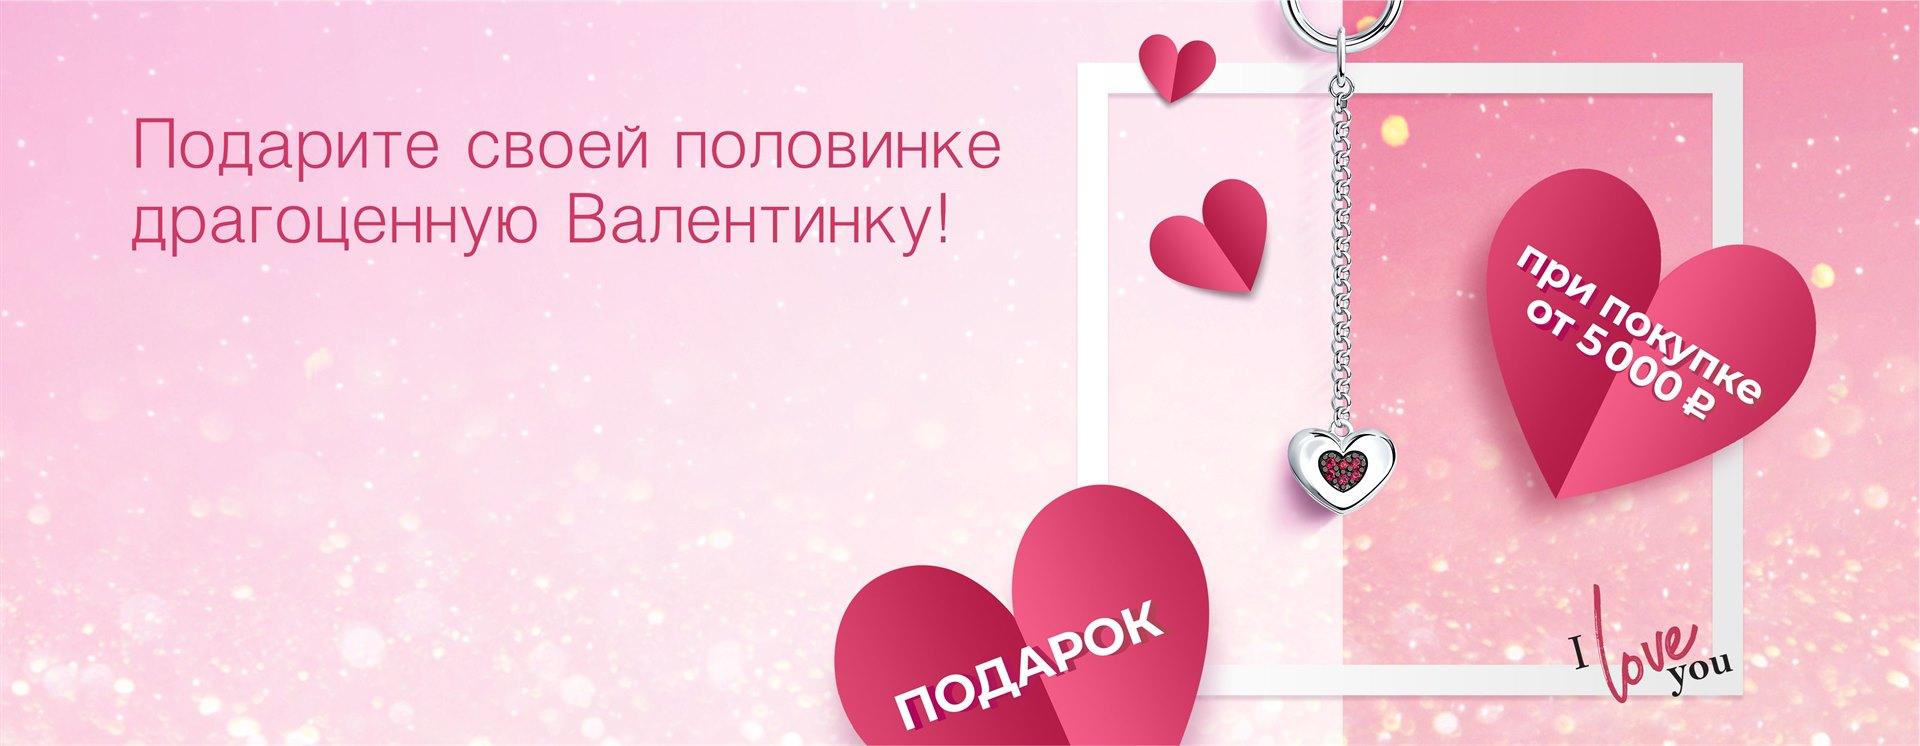 https://www.almazcom.ru/pub/img/Info/24/Sokolov_for_Almaz_4795x1865_1_2.jpg